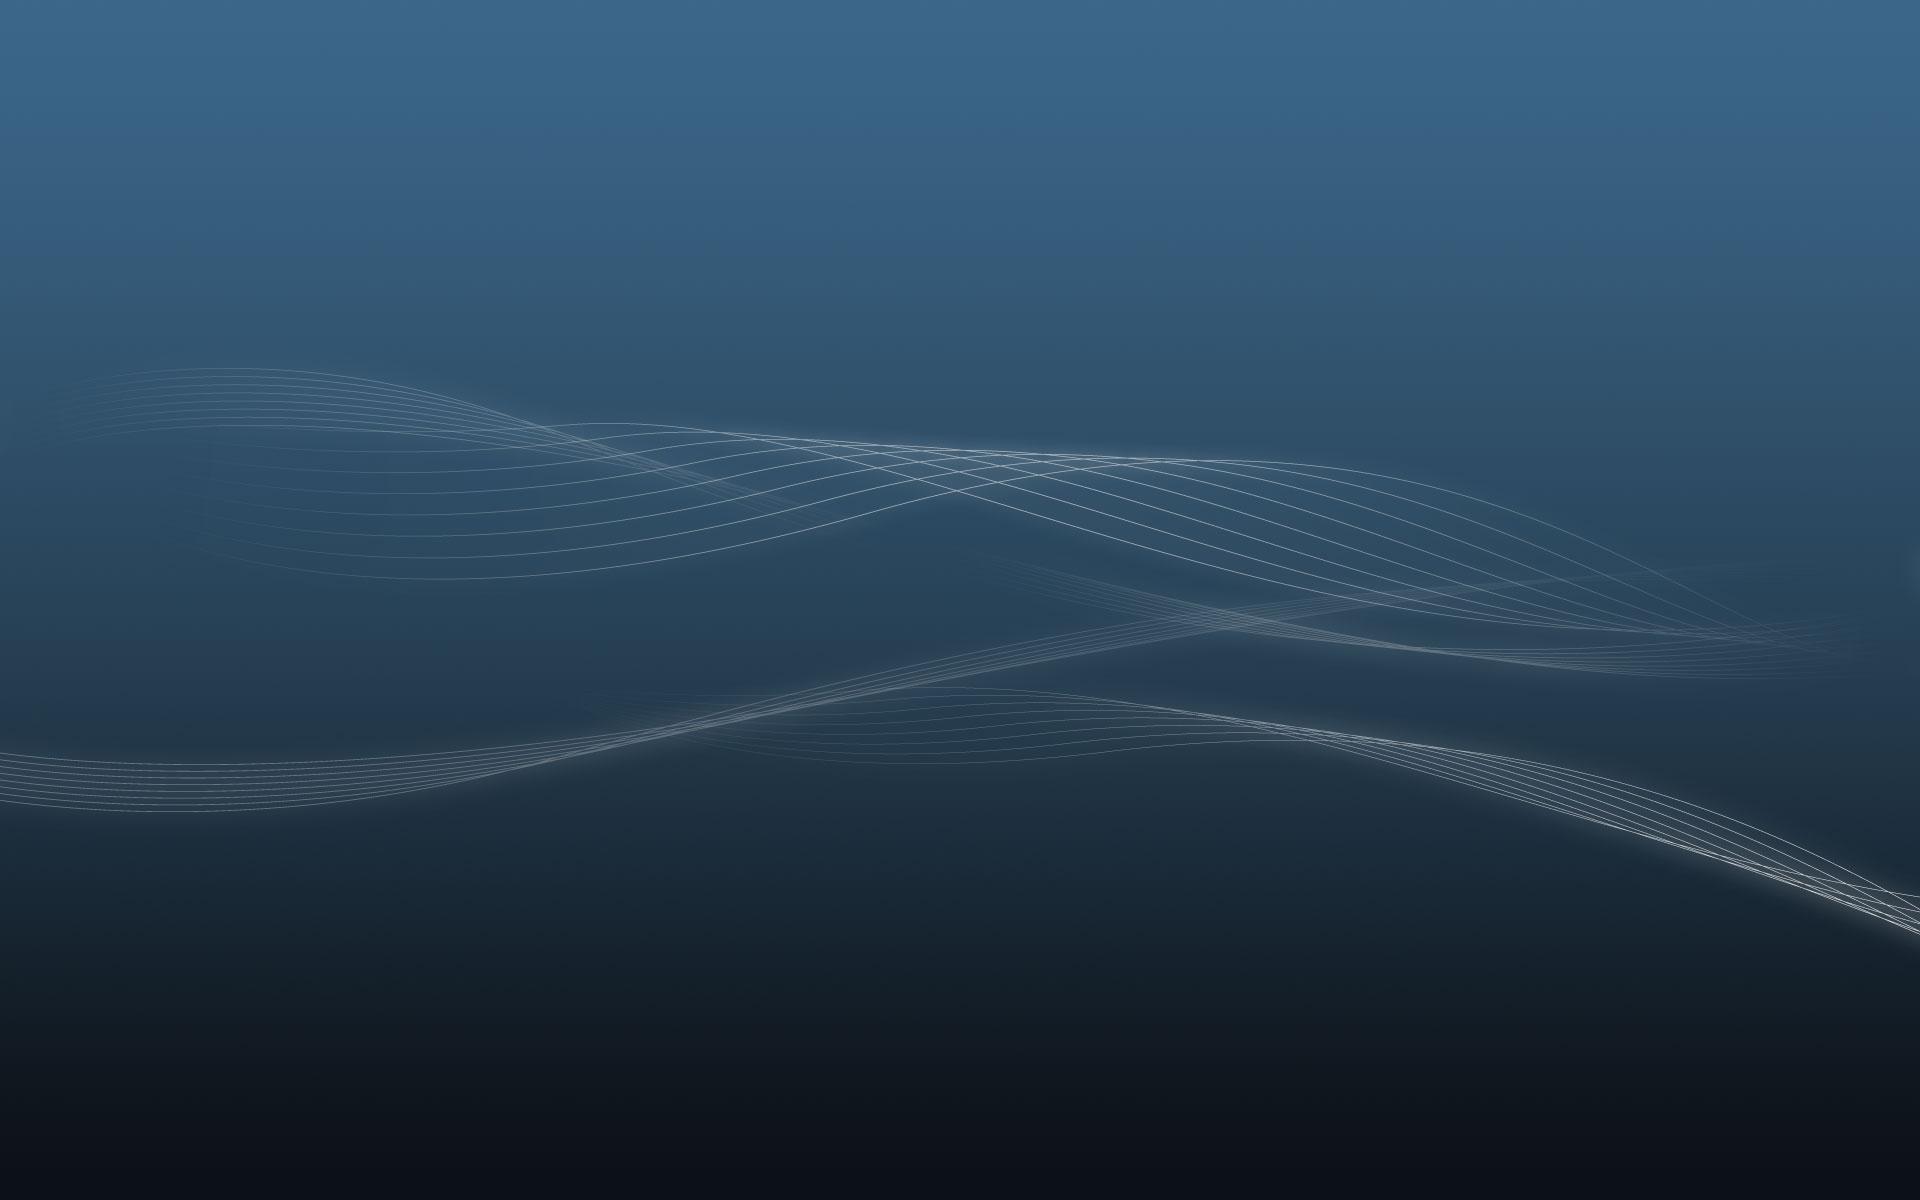 free microsoft desktop wallpaper   wwwwallpapers in hdcom 1920x1200